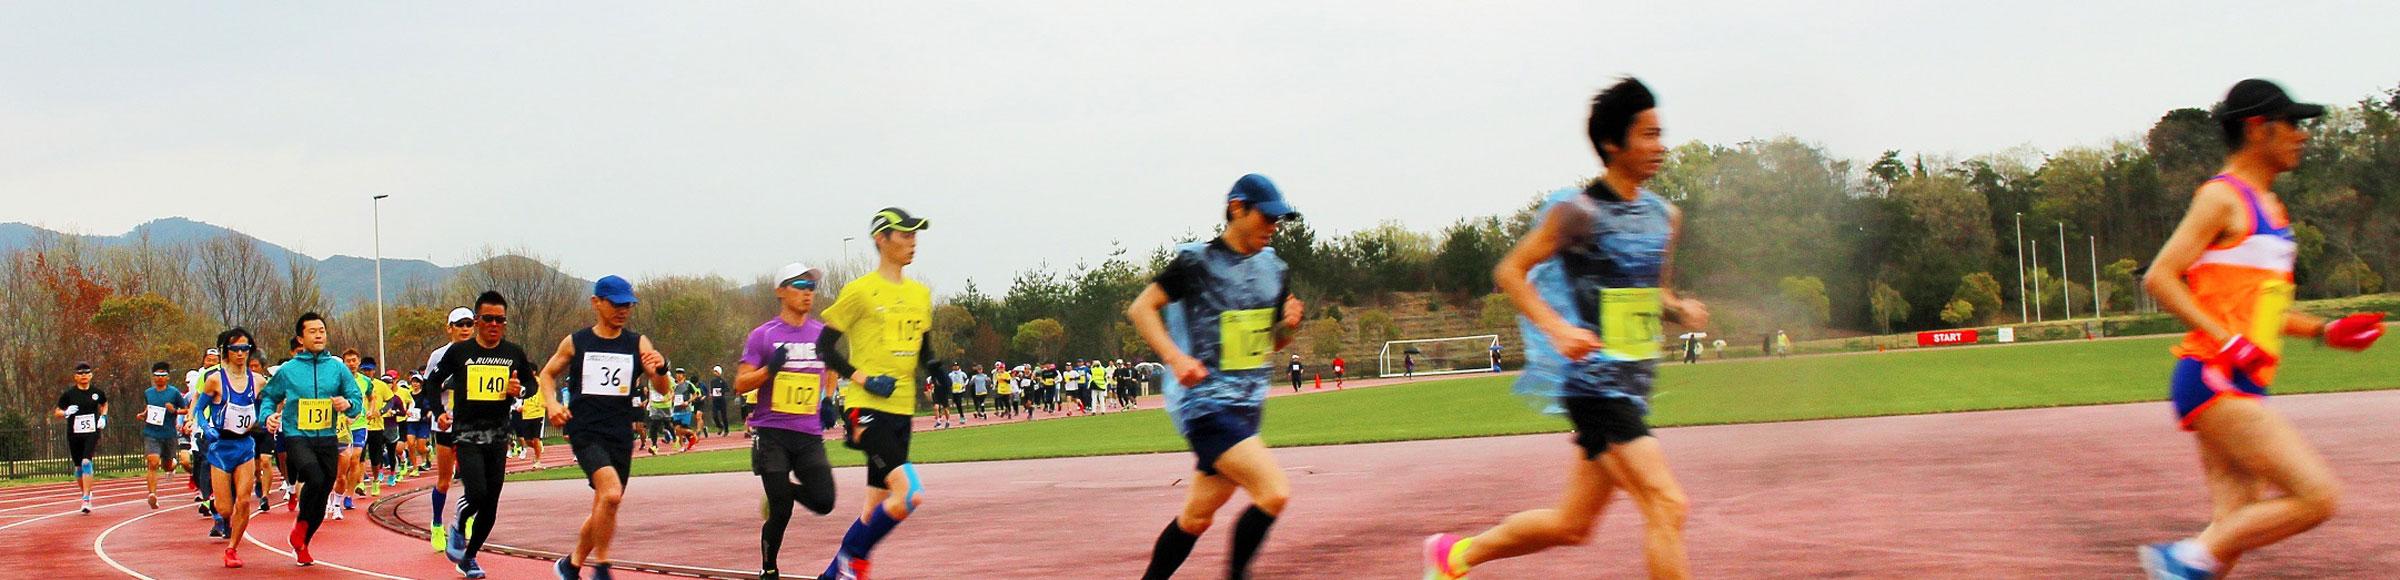 第12回 三木防災スプリングマラソン大会 開催要項